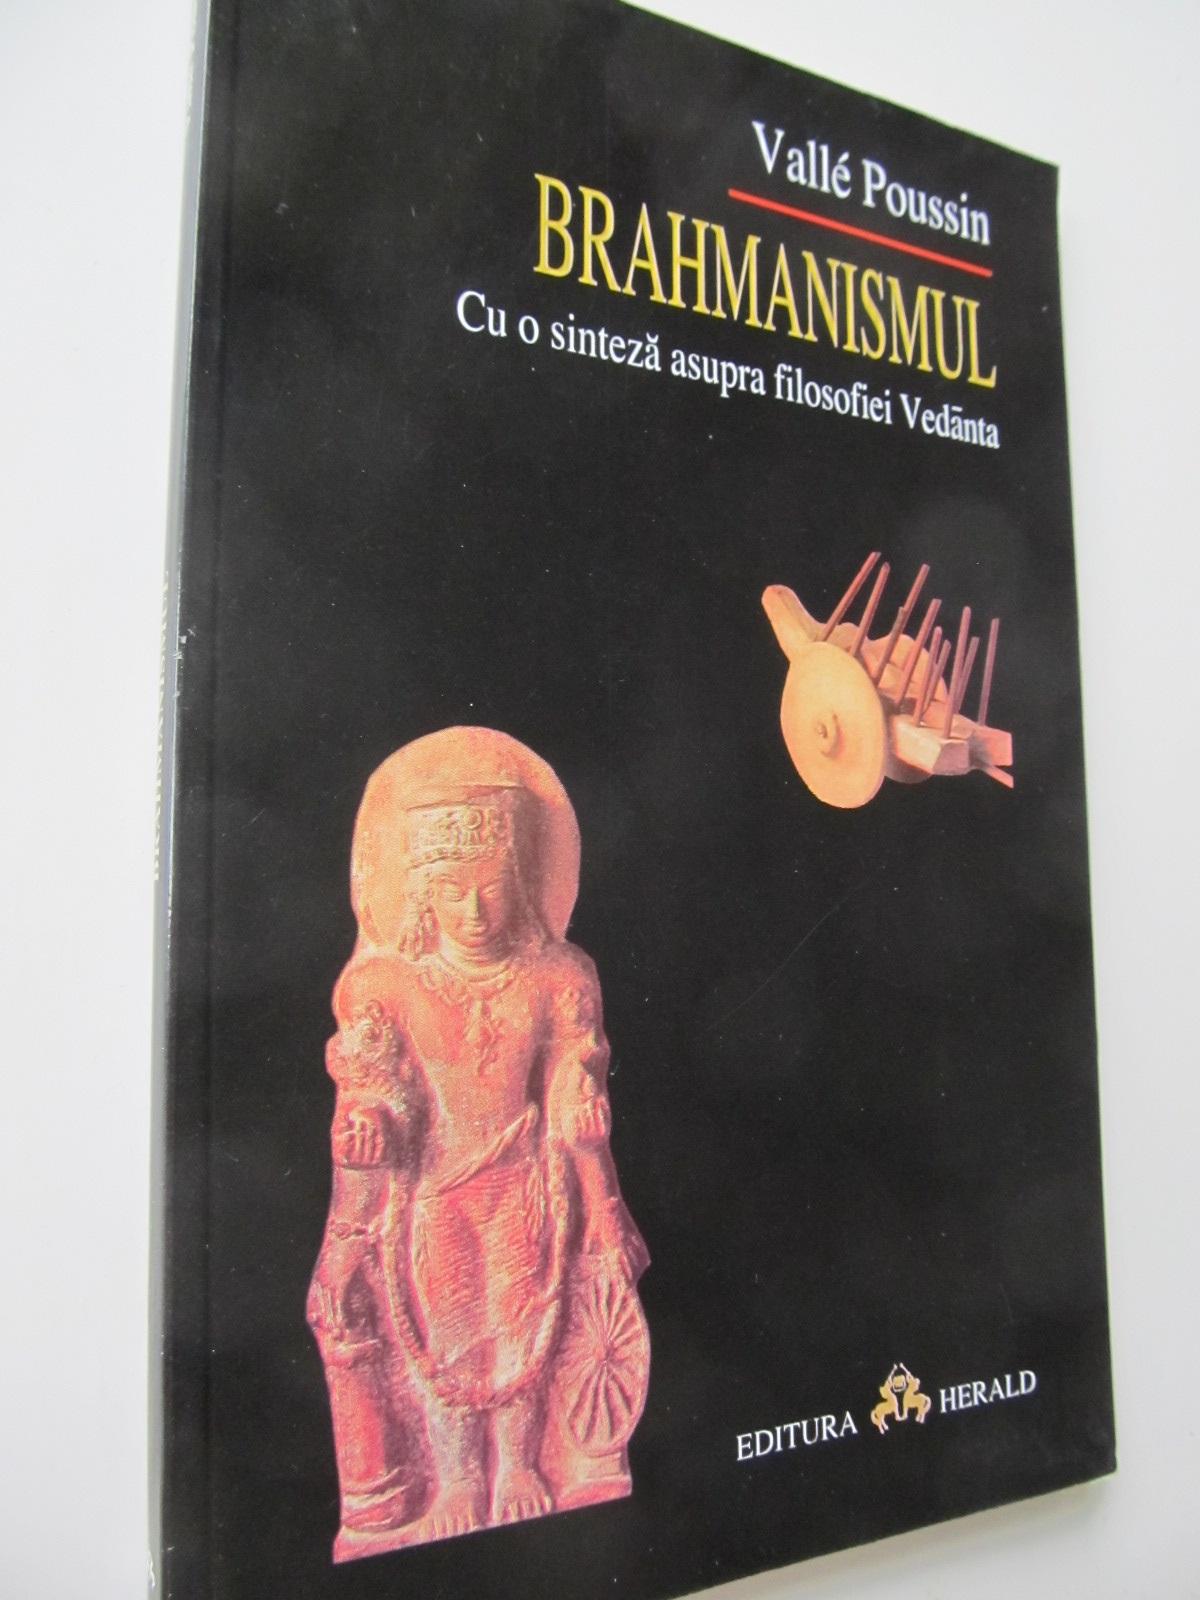 Brahmanismul - Cu o sinteza asupra filosofiei Vedanta - Valle Poussin | Detalii carte